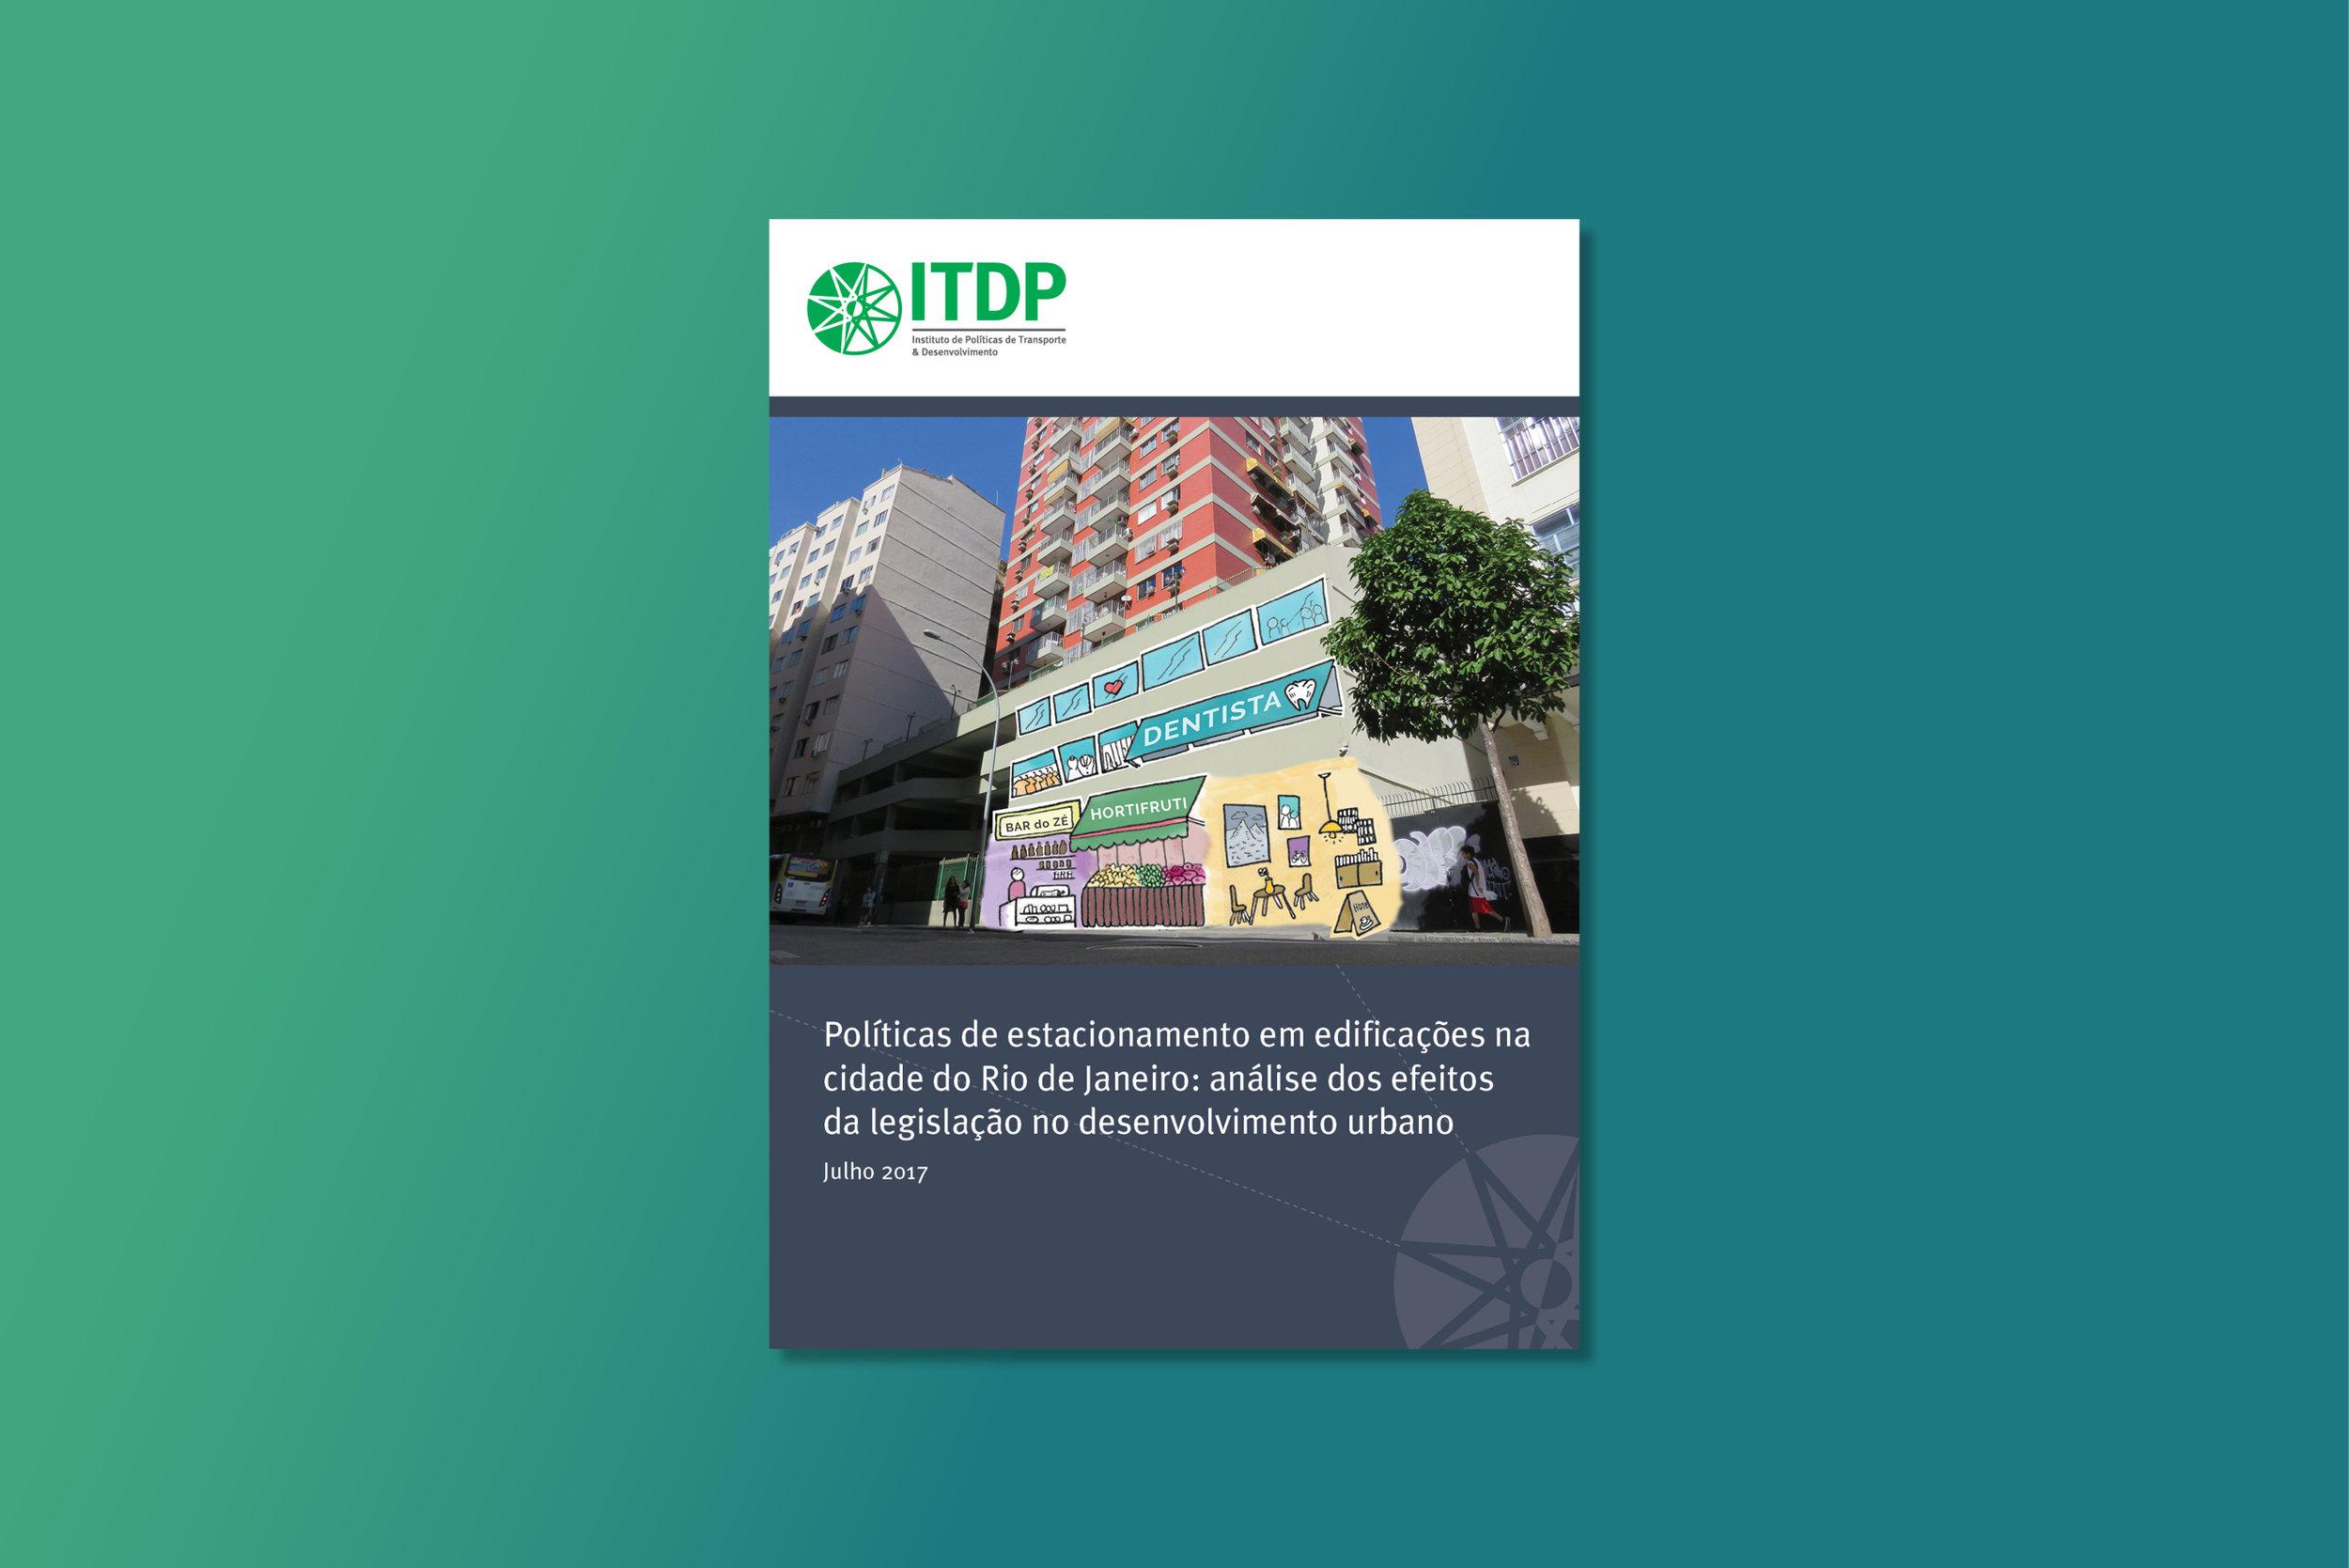 Políticas de estacionamento em edificações na cidade do Rio de Janeiro: análise dos efeitos da legislação no desenvolvimento urbano